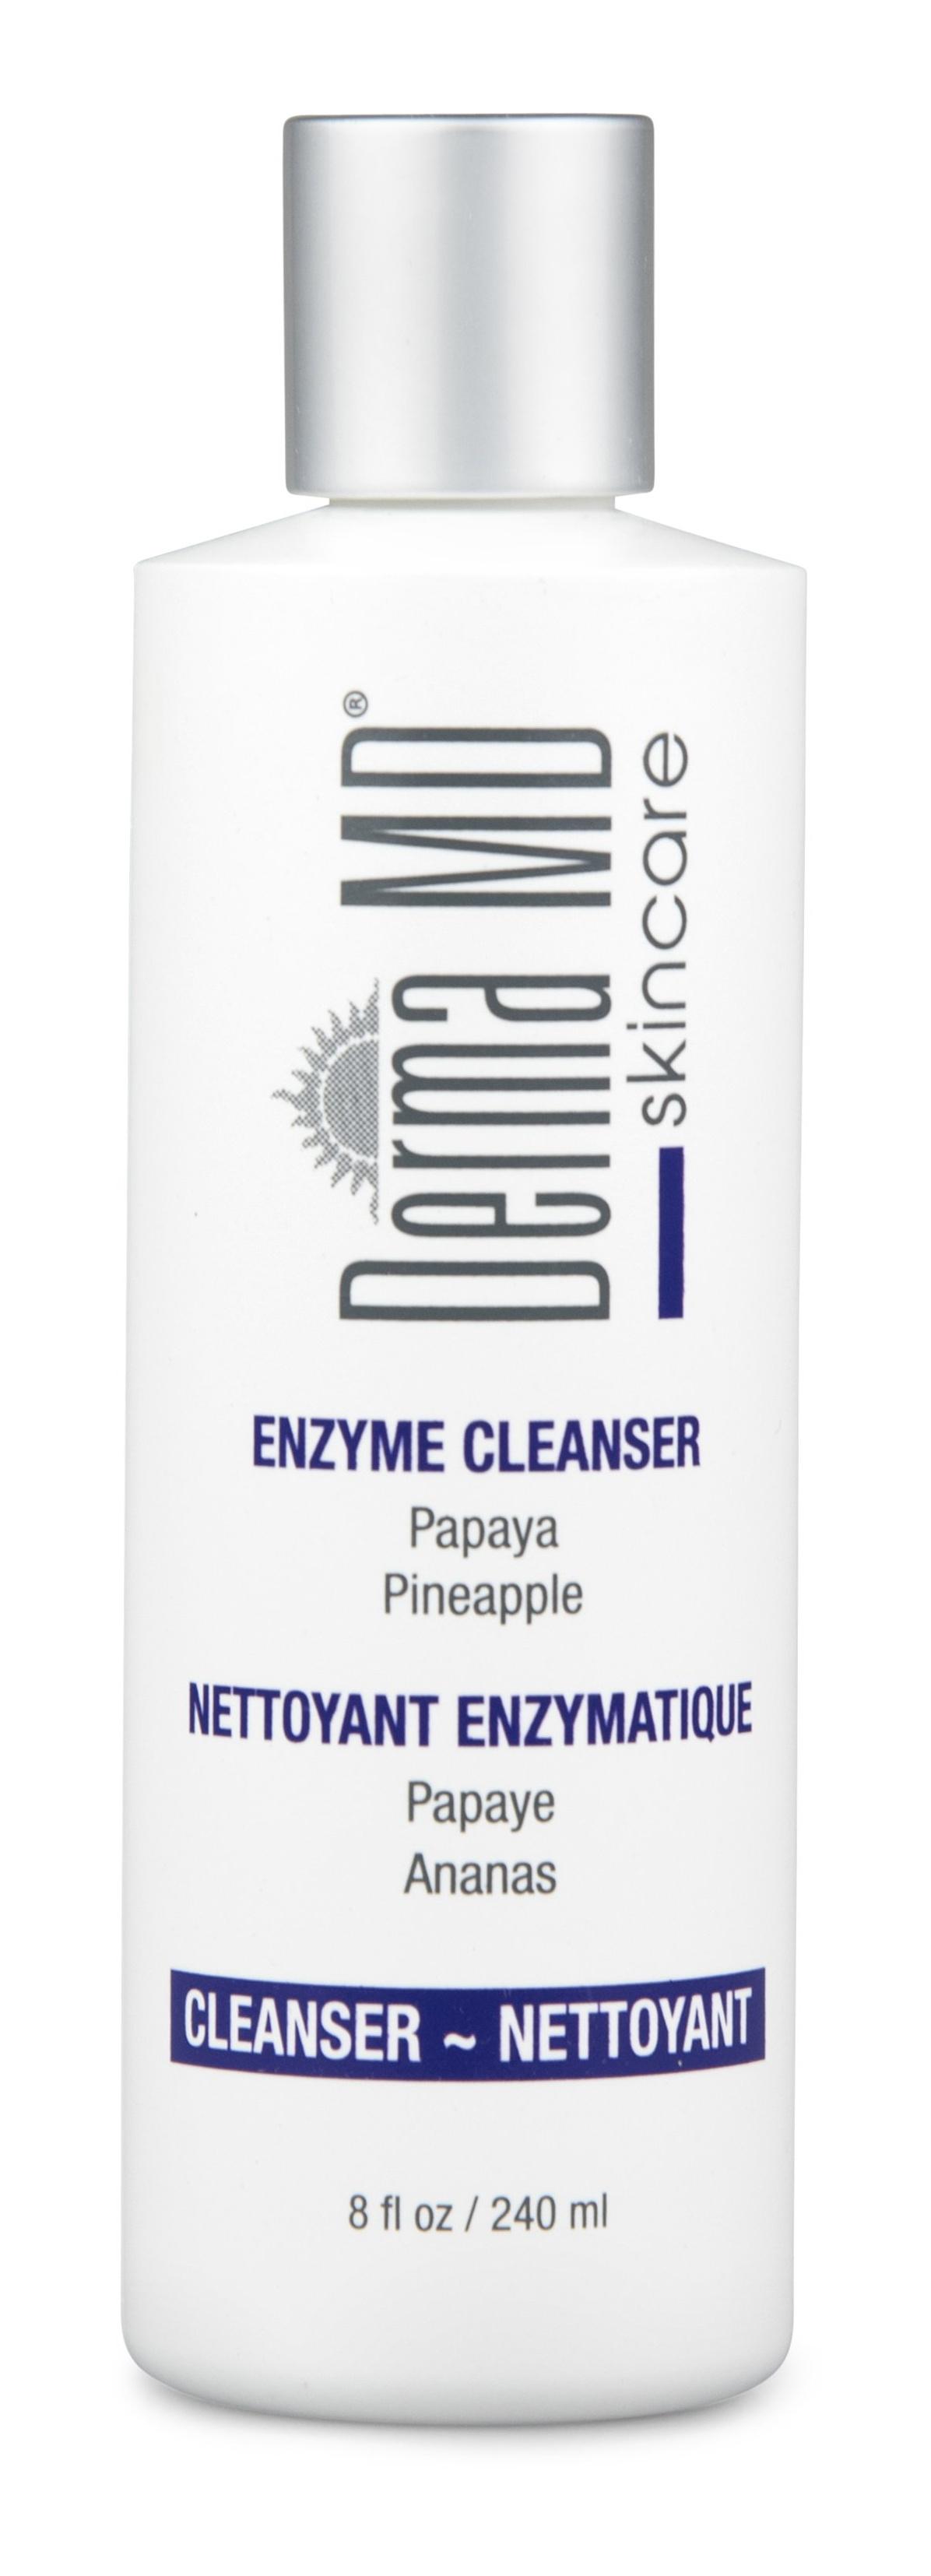 Derma MD Enzyme Cleanser Pineapple~Papaya